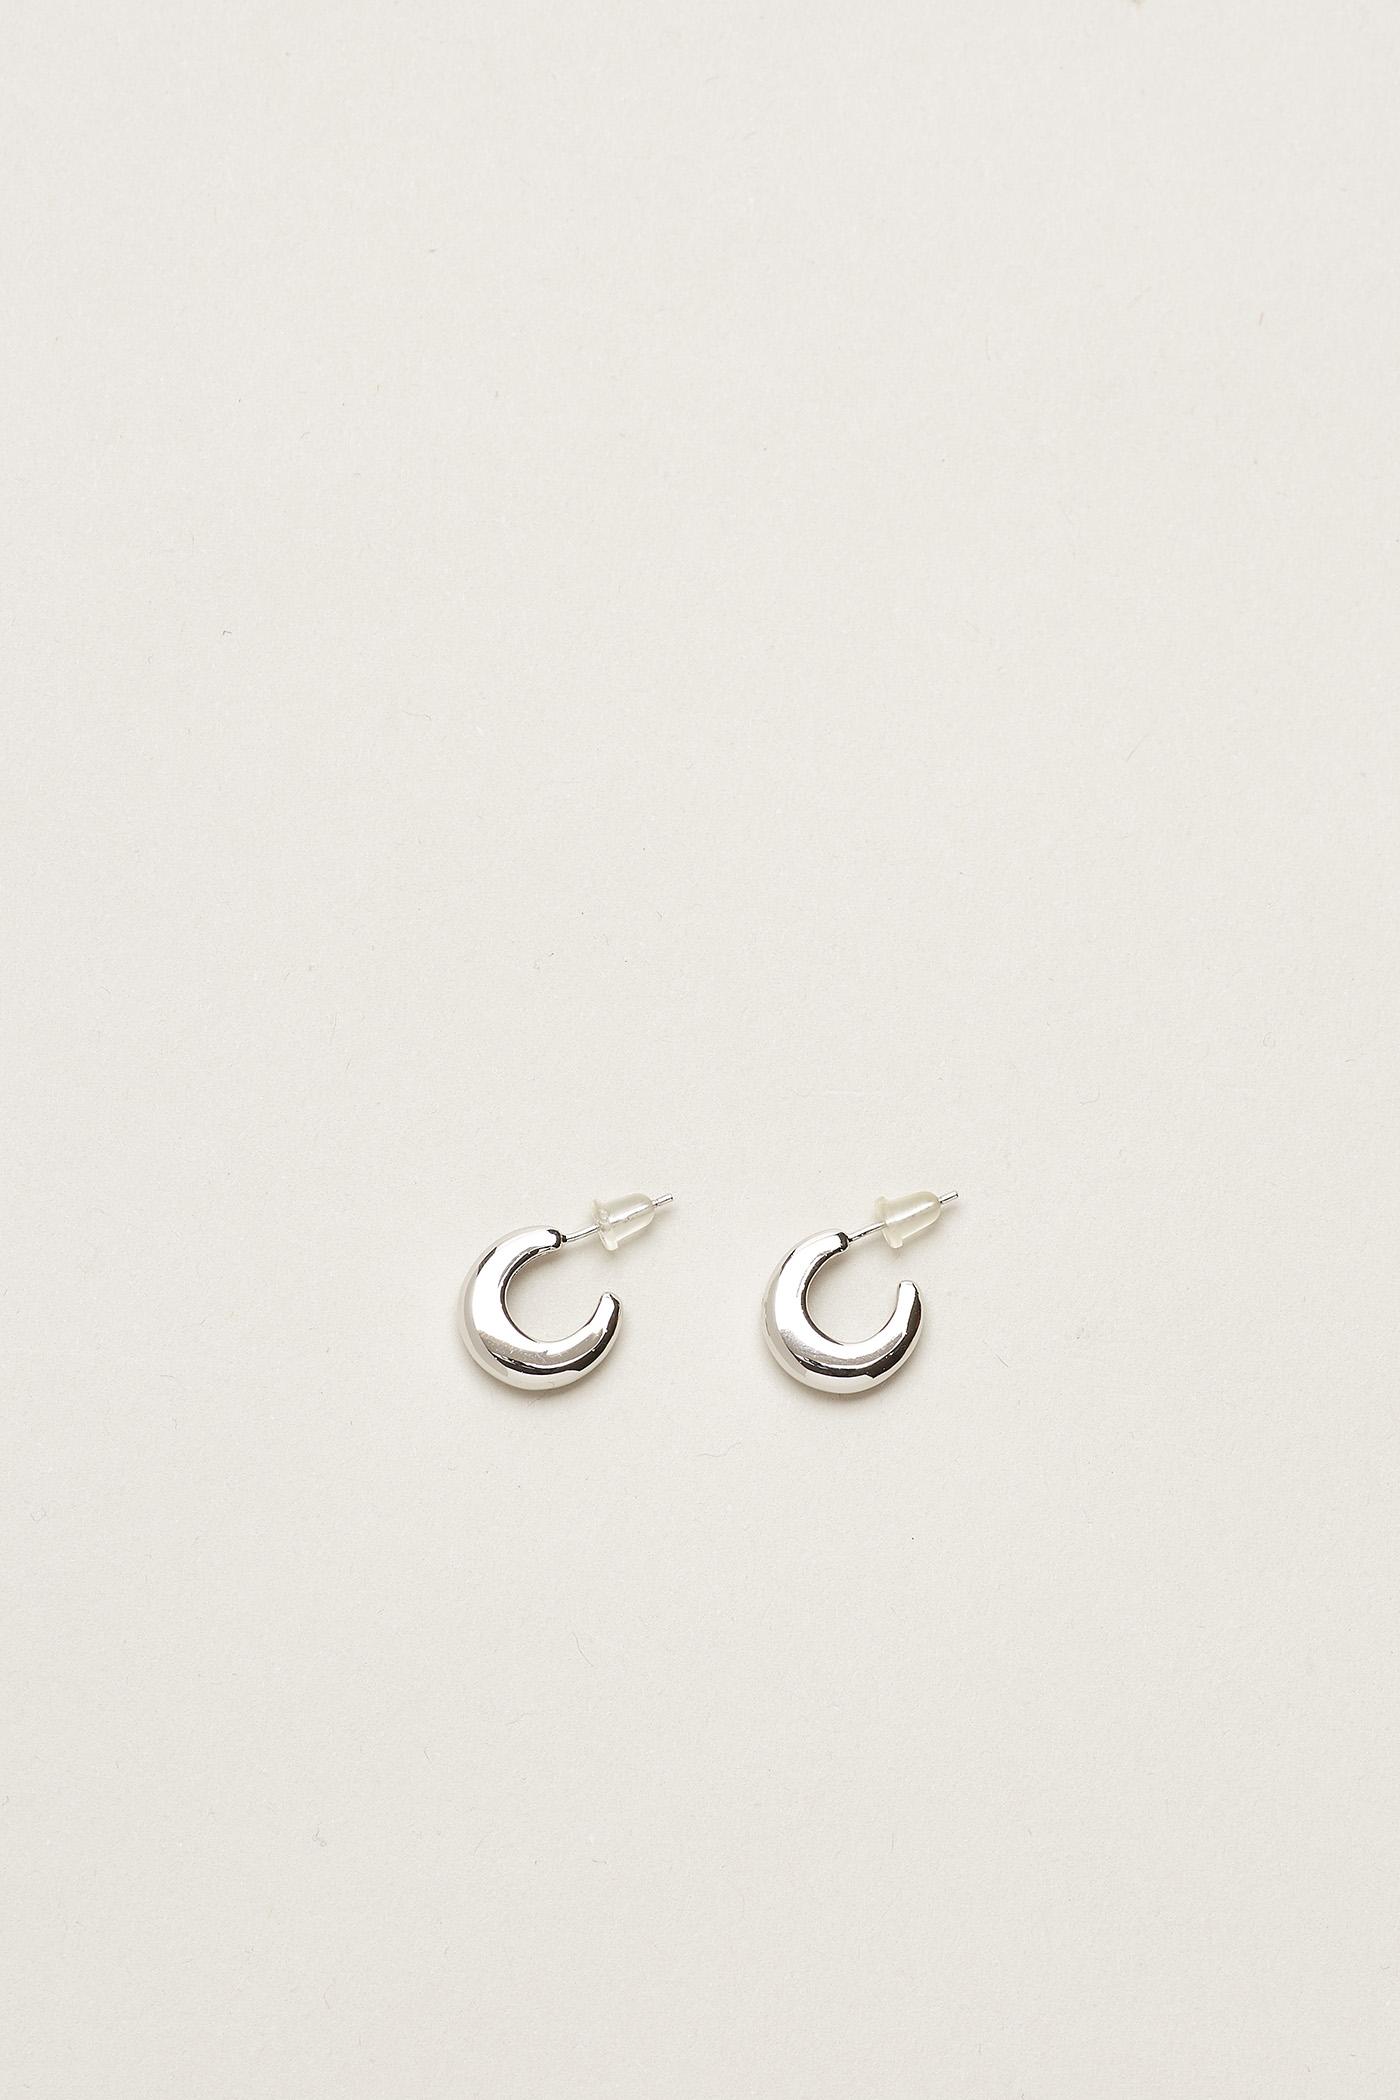 Arenah Chunky Mini Hoop Earrings